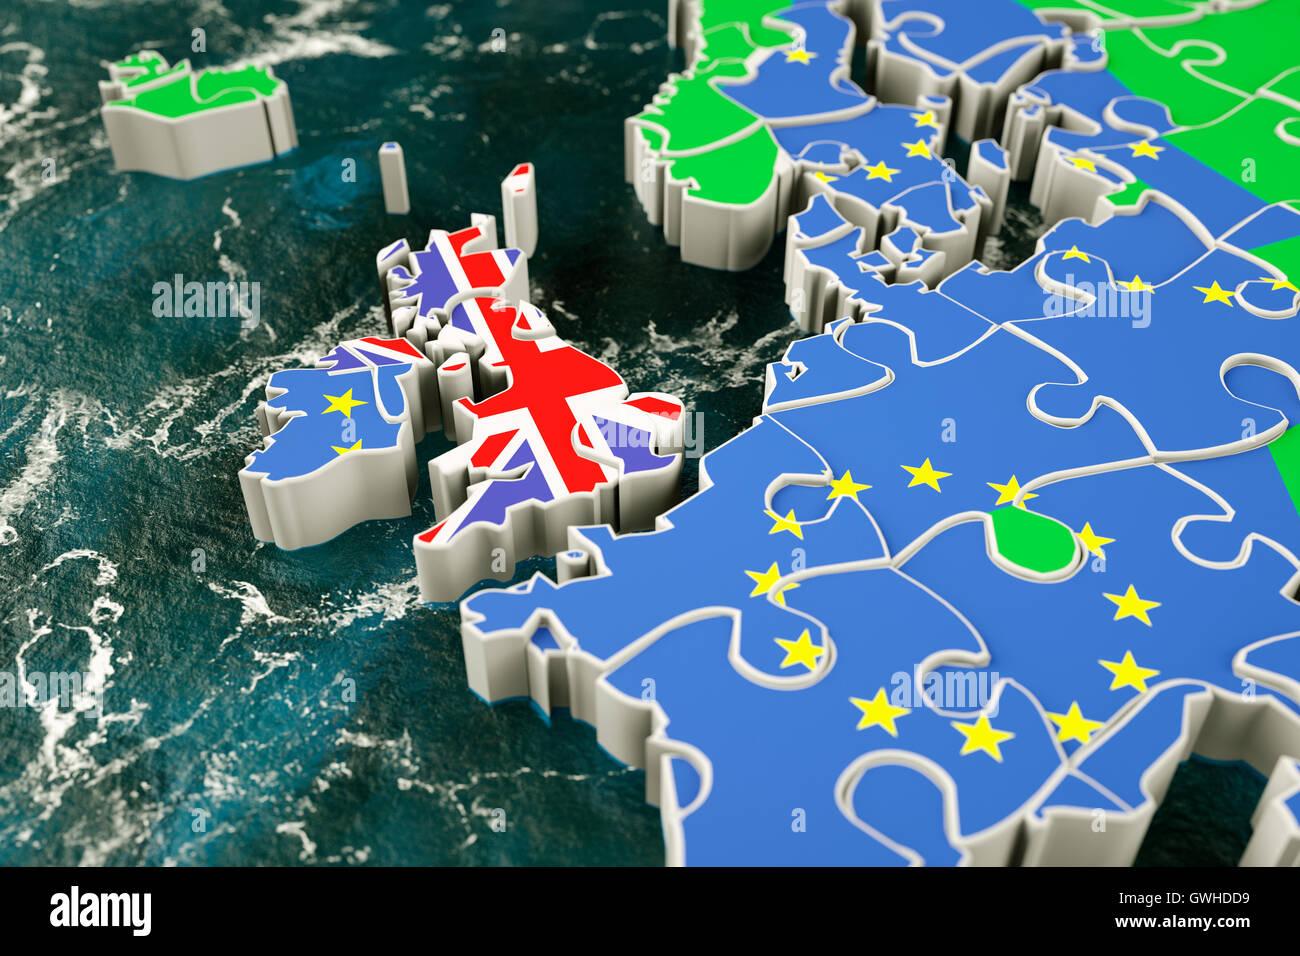 Brexit Konzept Puzzle - Vertretung Brexit, Großbritannien verlassen, Handel, EU-Binnenmarkt, Zollunion, etc. Stockbild